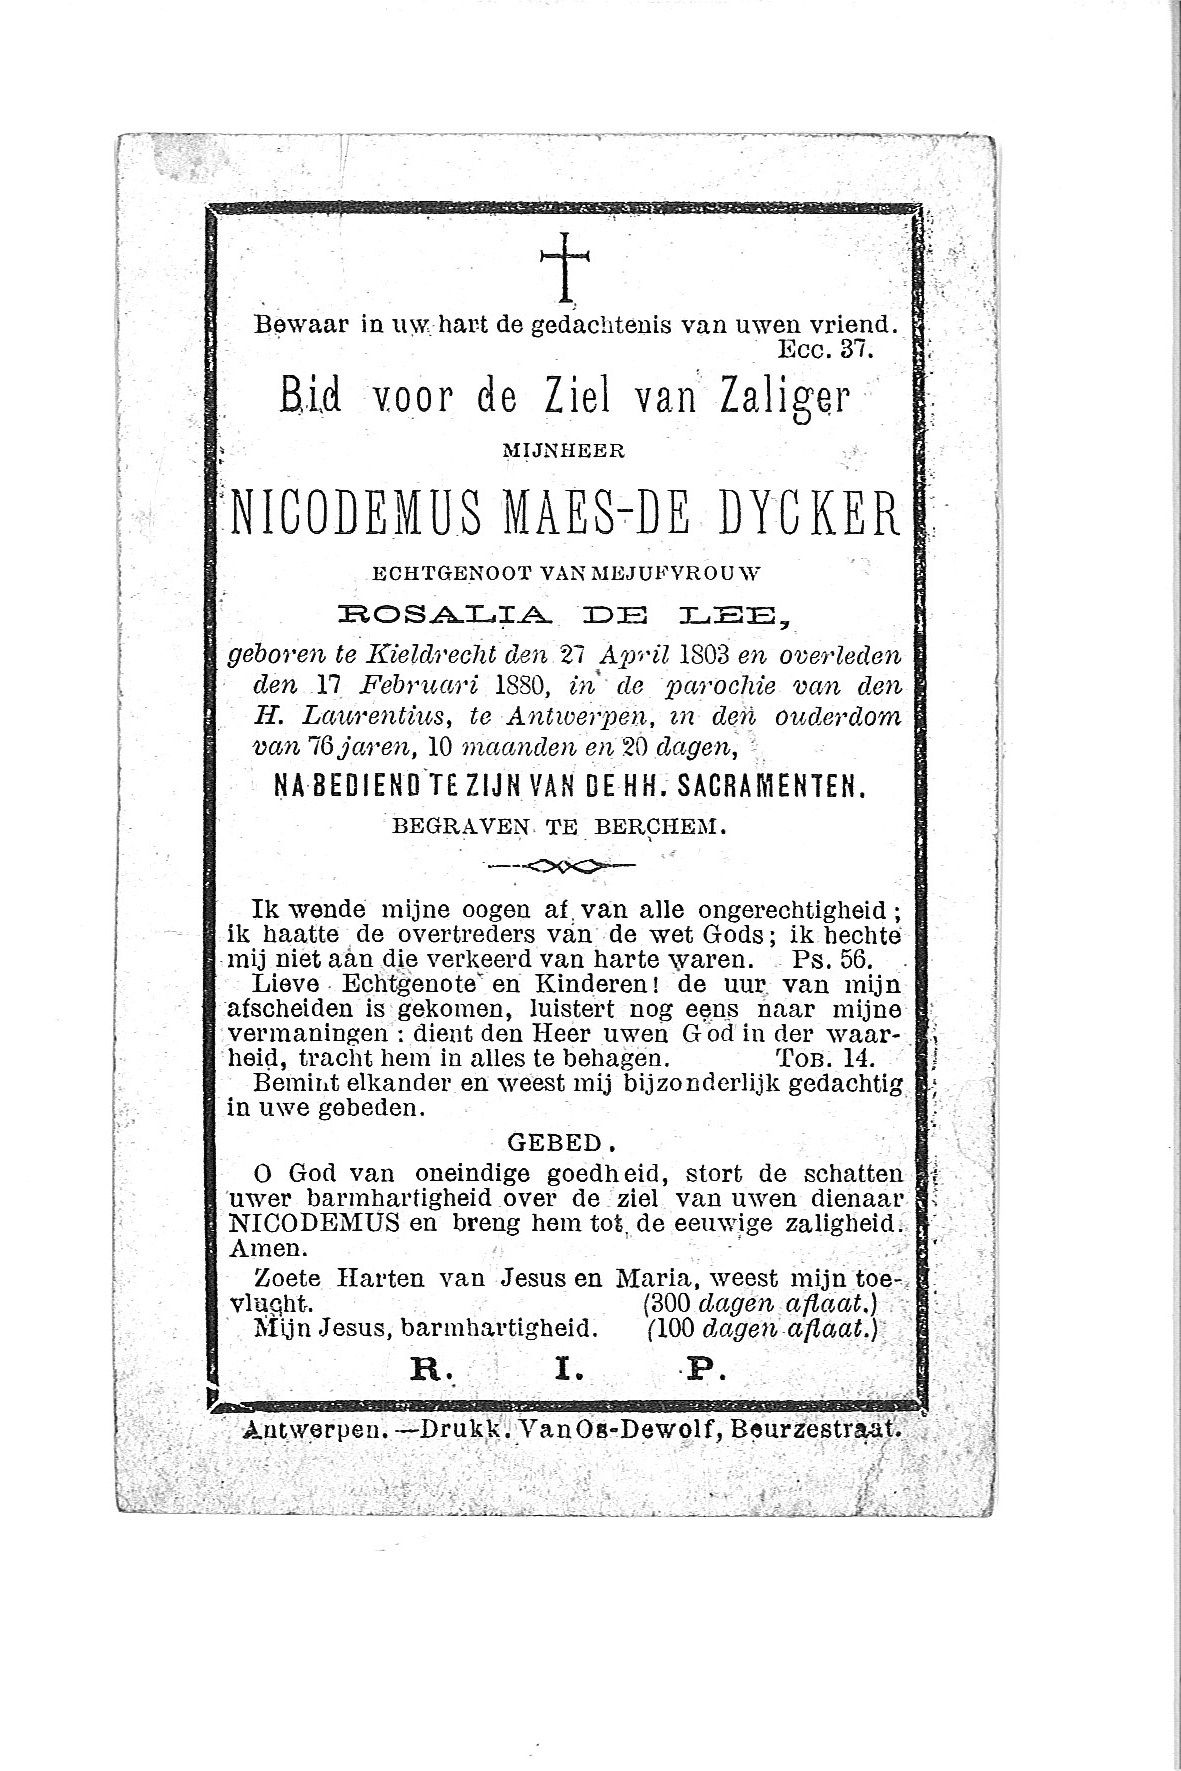 Nicodemus-Maes(1880)20090910104716_00019.jpg